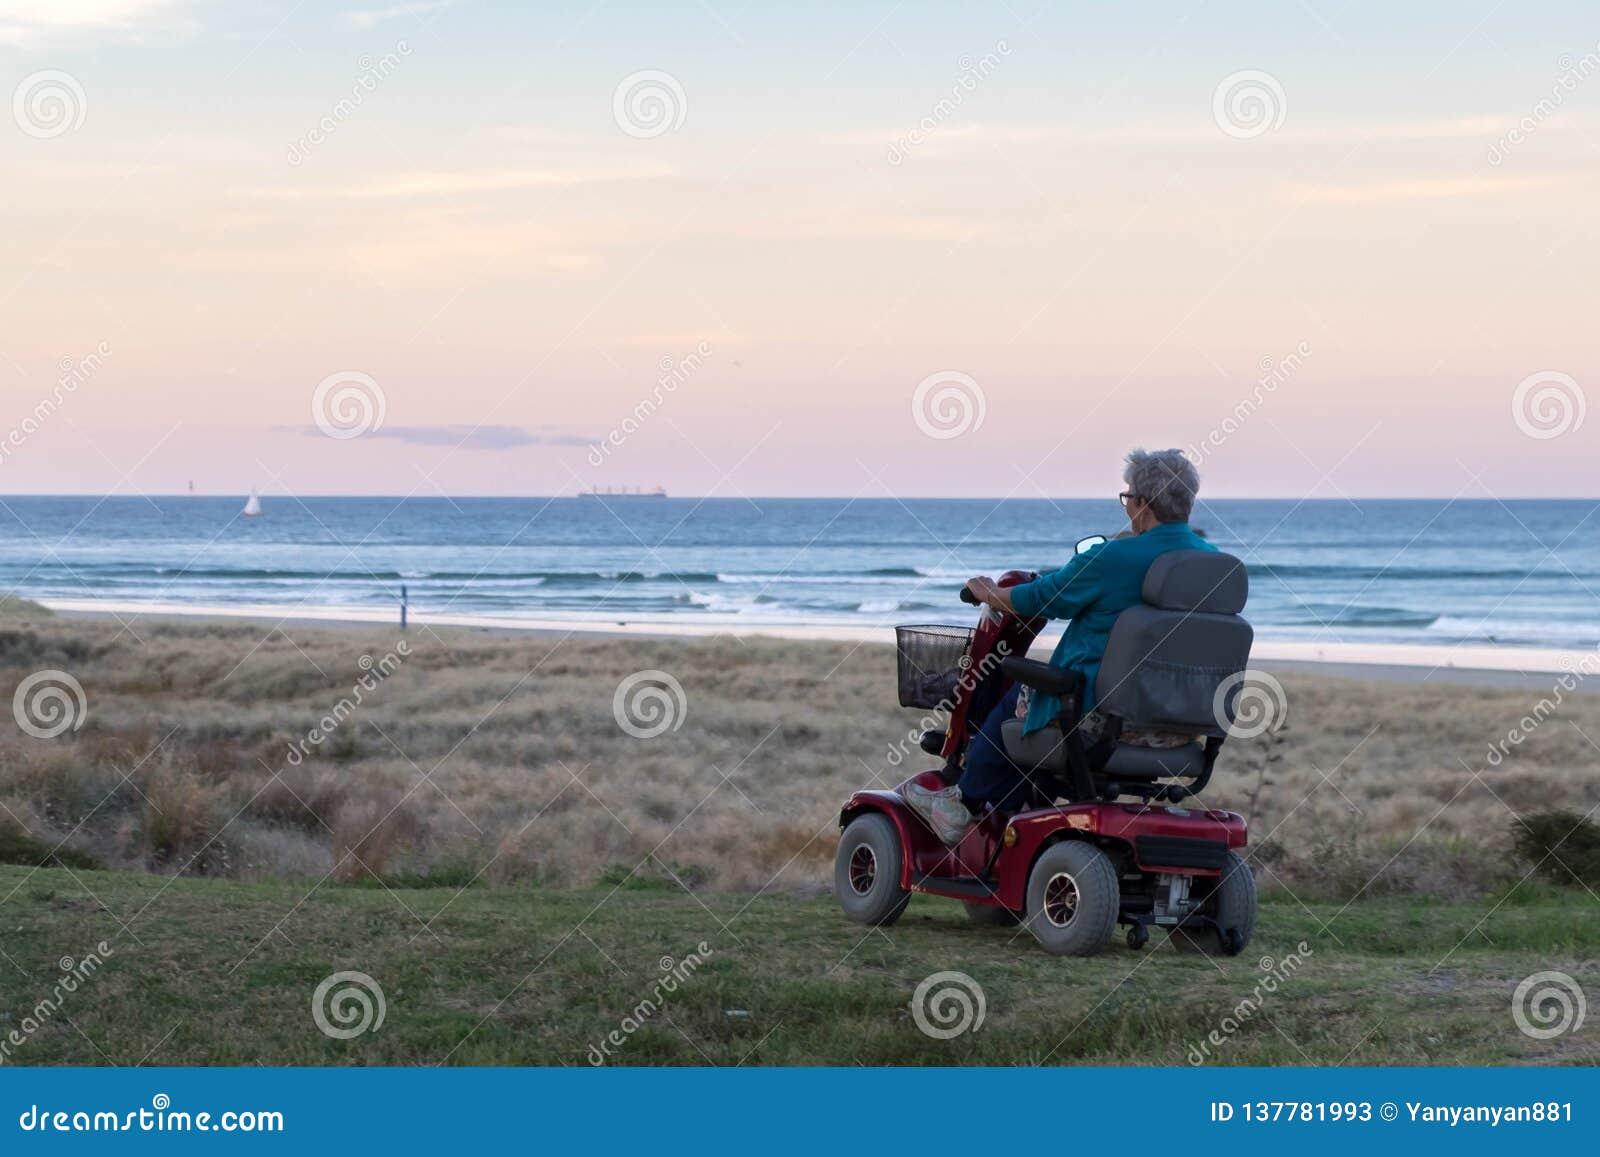 Uma mulher adulta monta em uma cadeira de rodas posta elétrica estacionada na praia no tempo do por do sol, em uma atmosfera só V